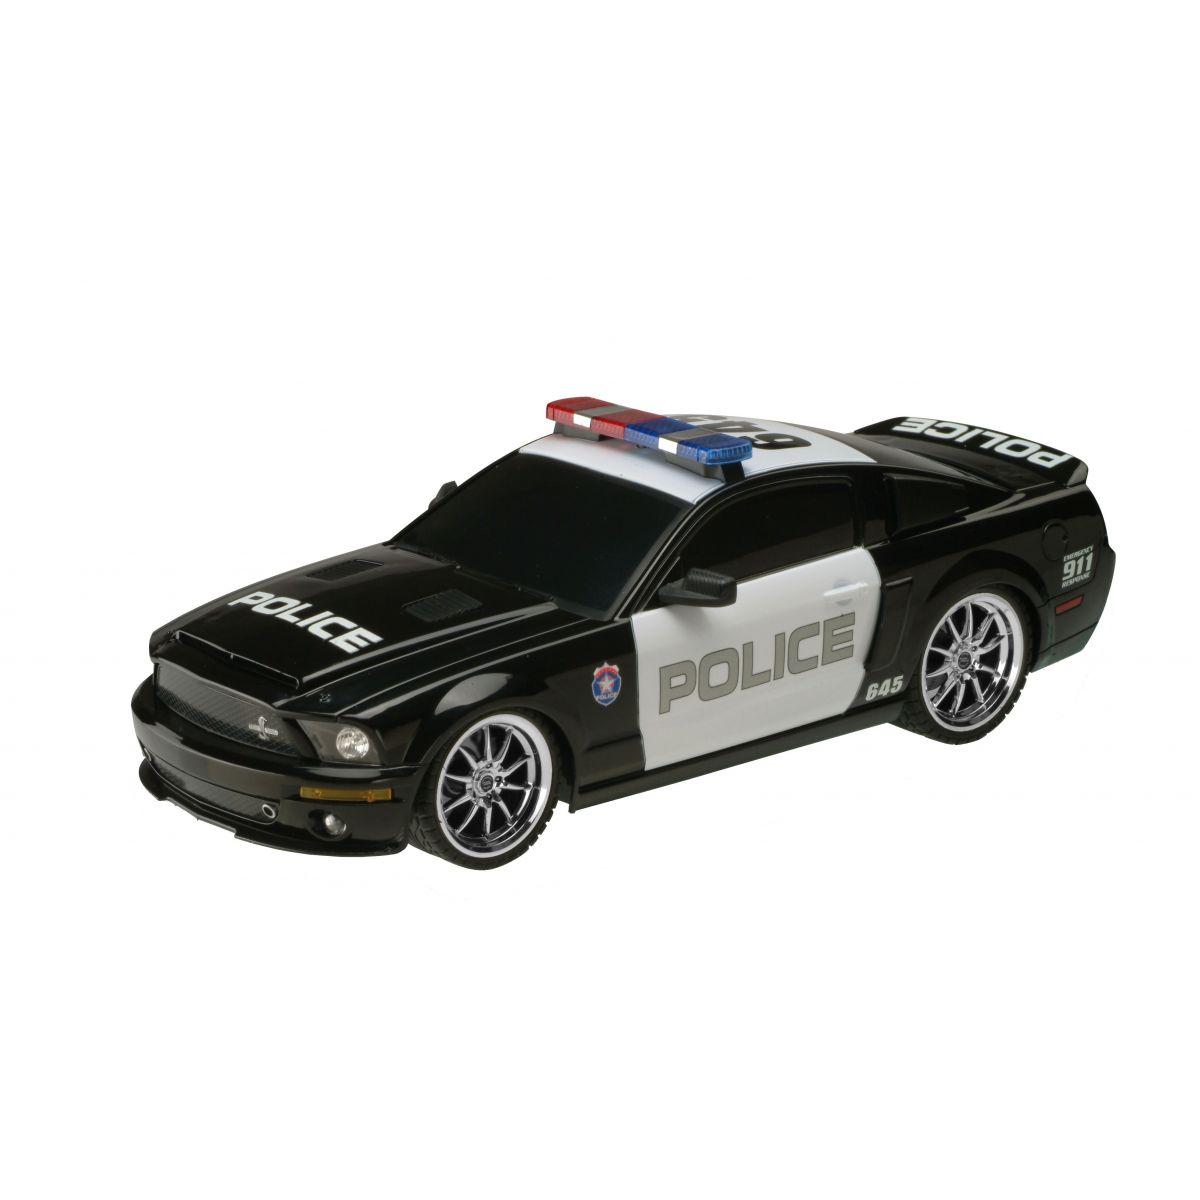 EP Line Policejní RC auto Ford GT 500 1:18